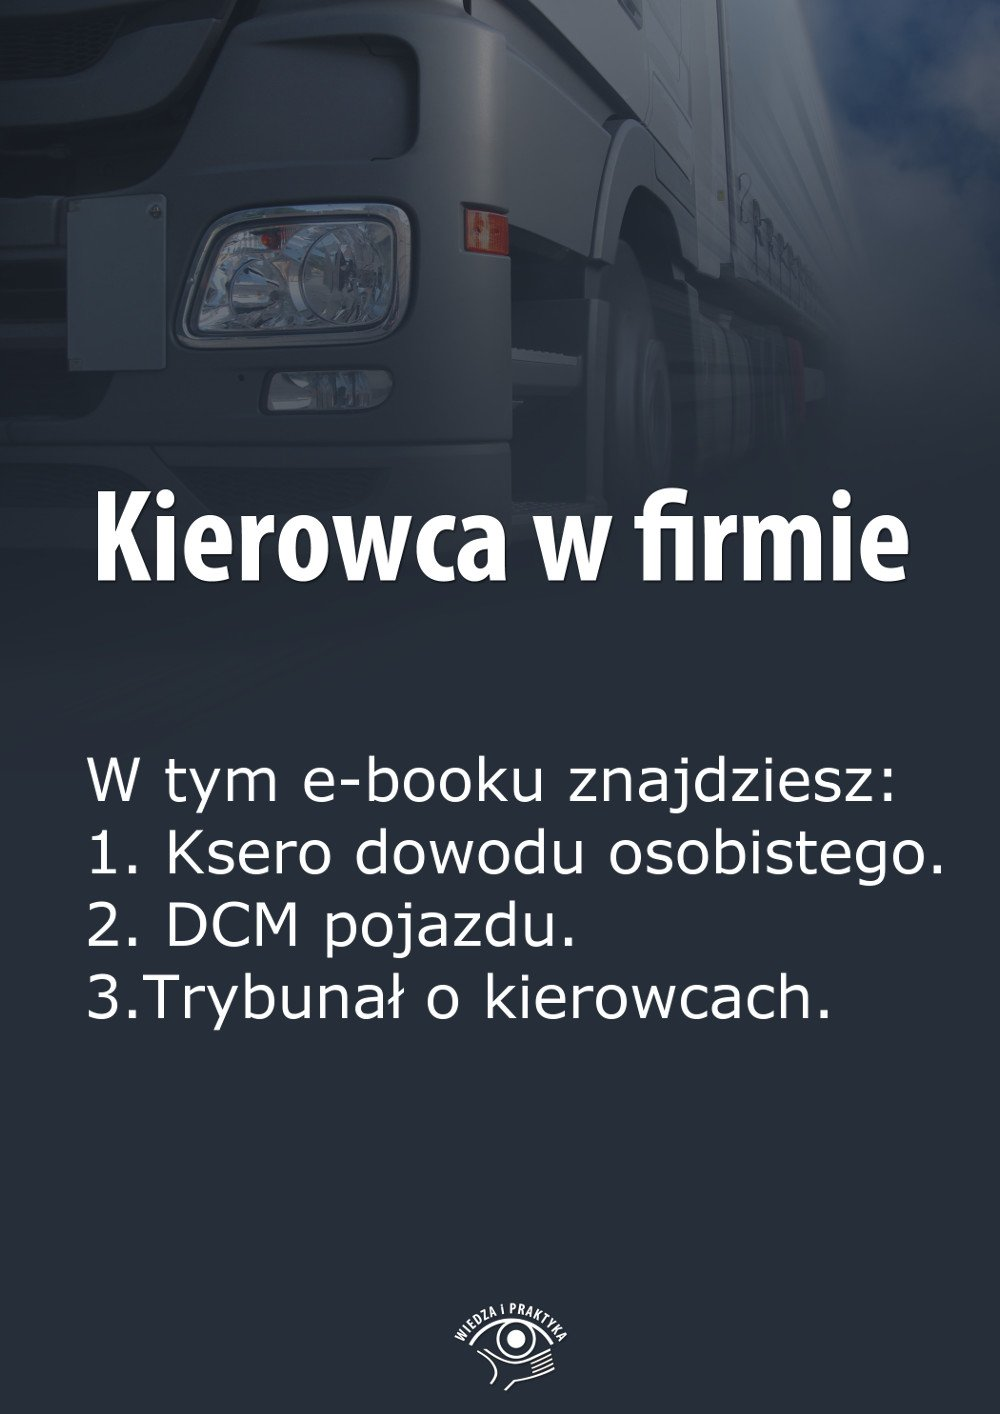 Kierowca w firmie. Wydanie styczeń 2014 r. - Ebook (Książka EPUB) do pobrania w formacie EPUB